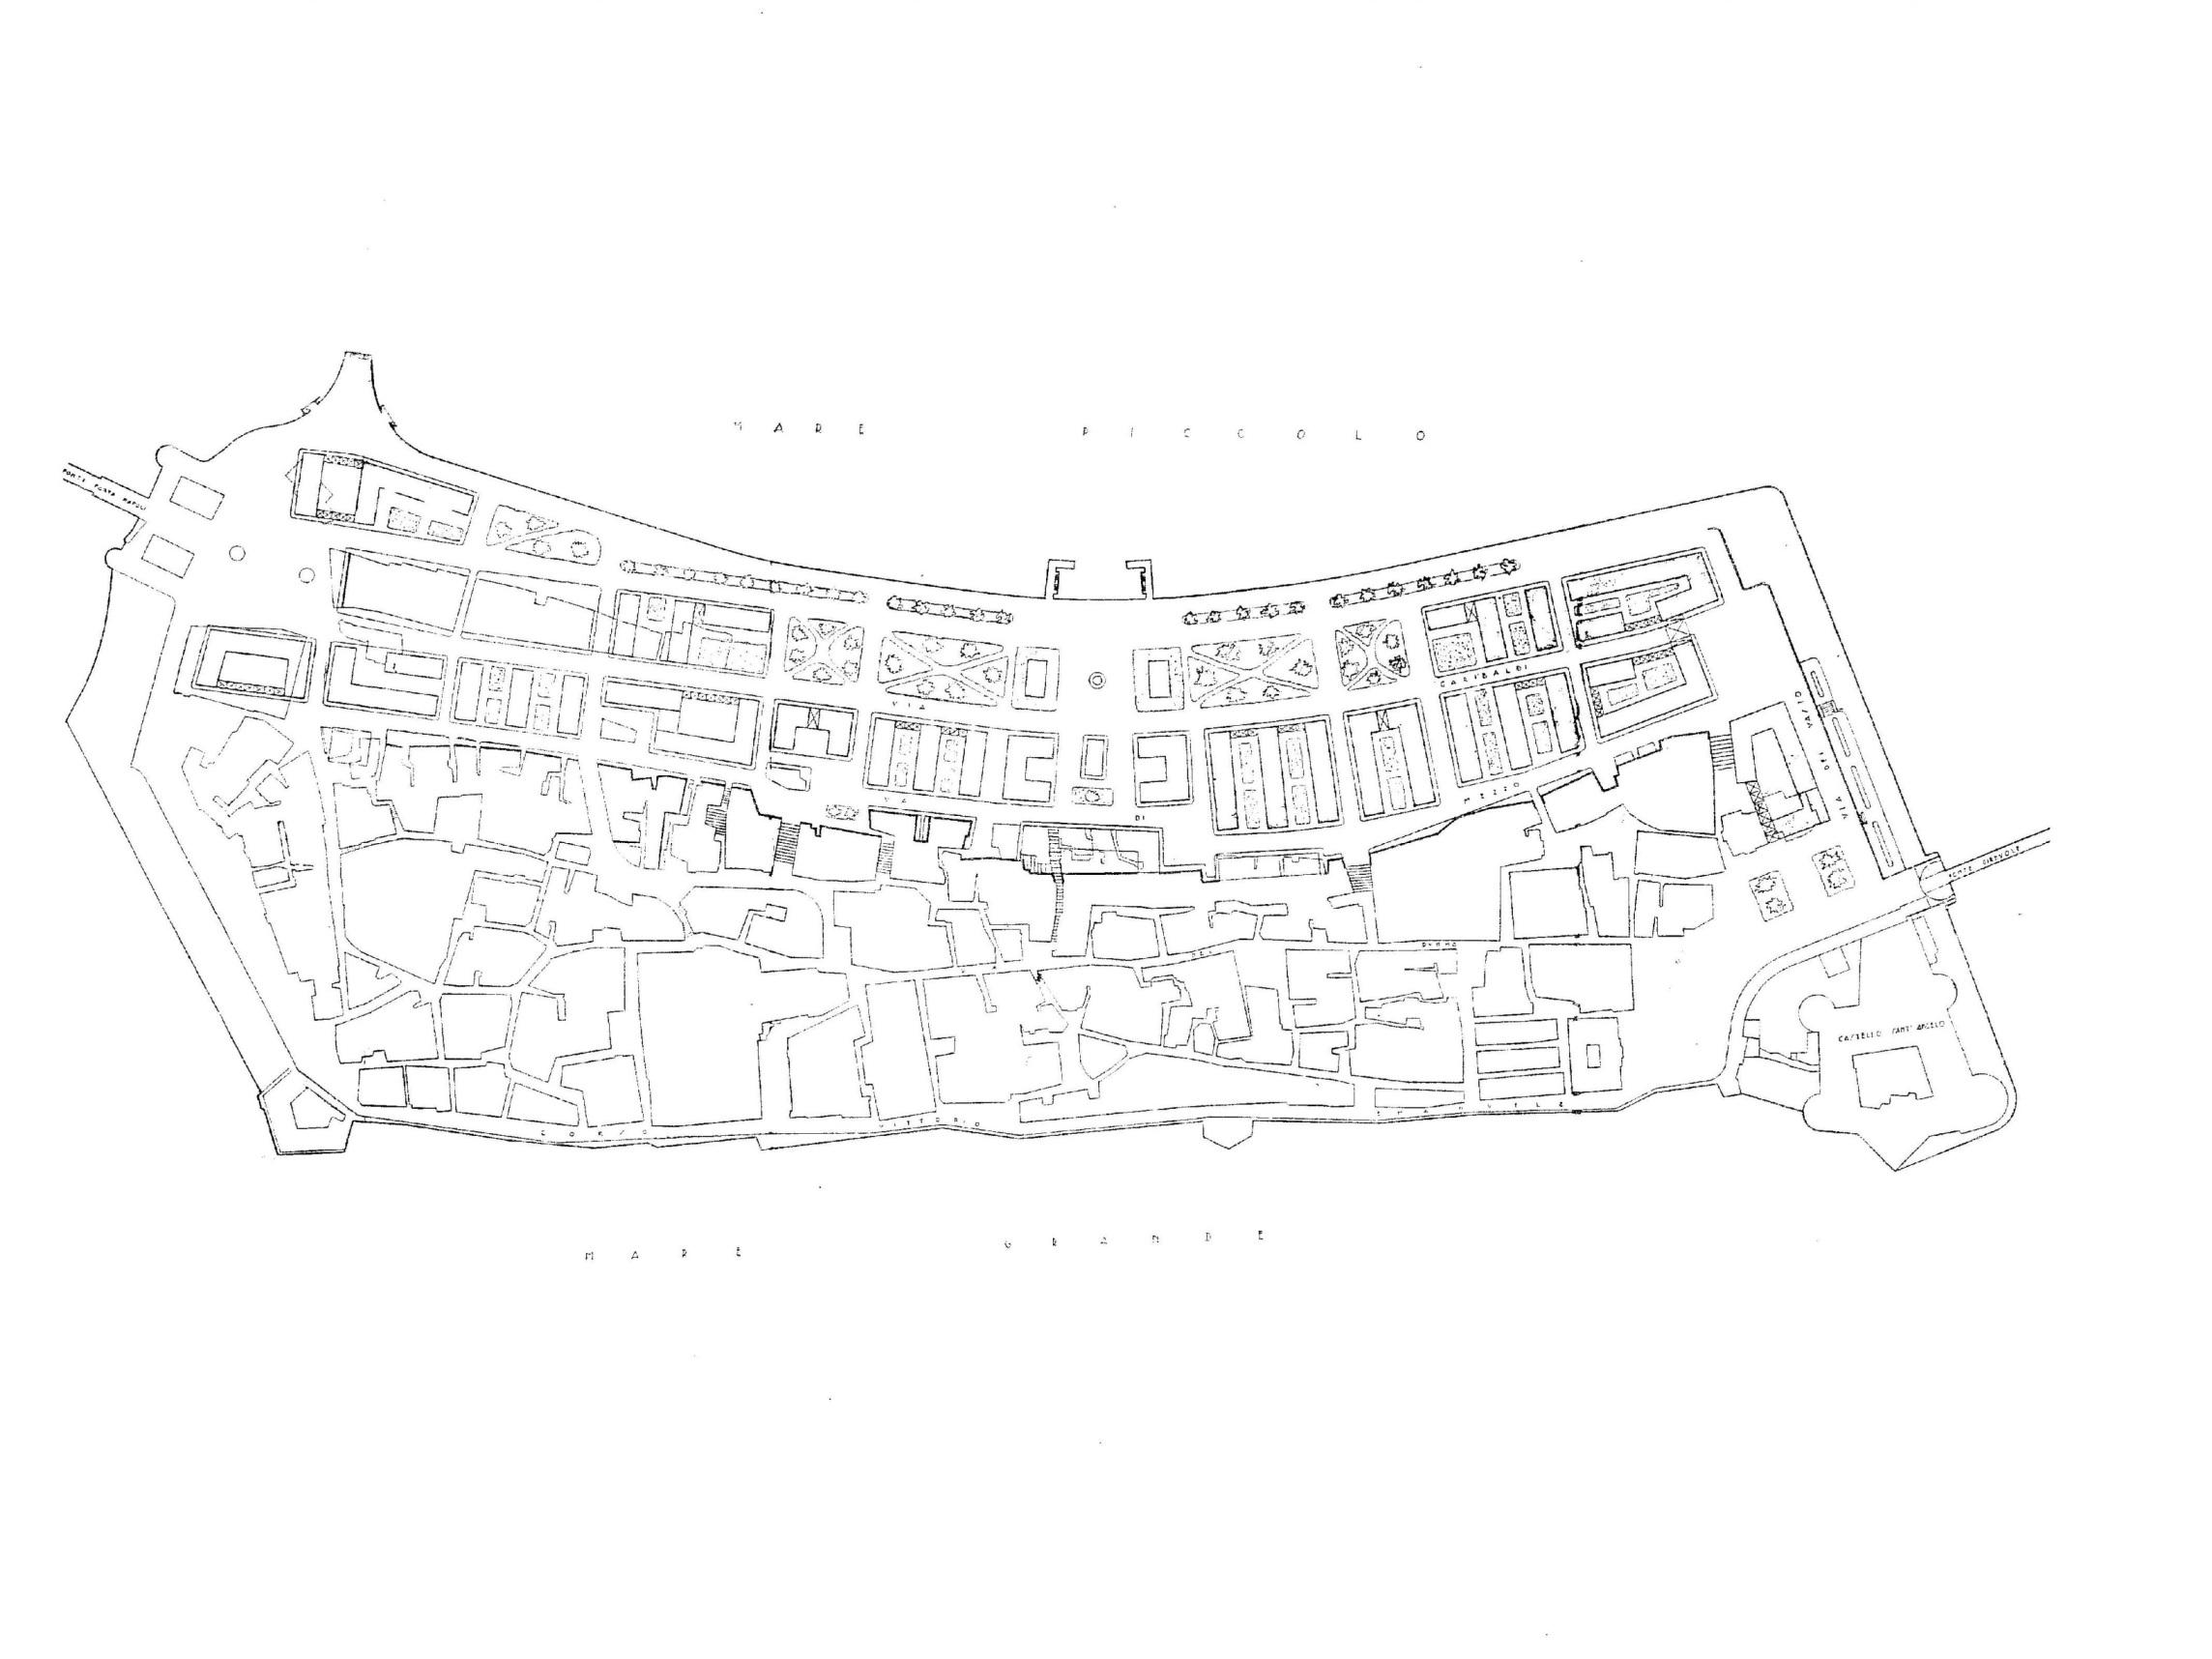 Piante archeologia storia architettura a taranto for Grande planimetria della camera singola storia